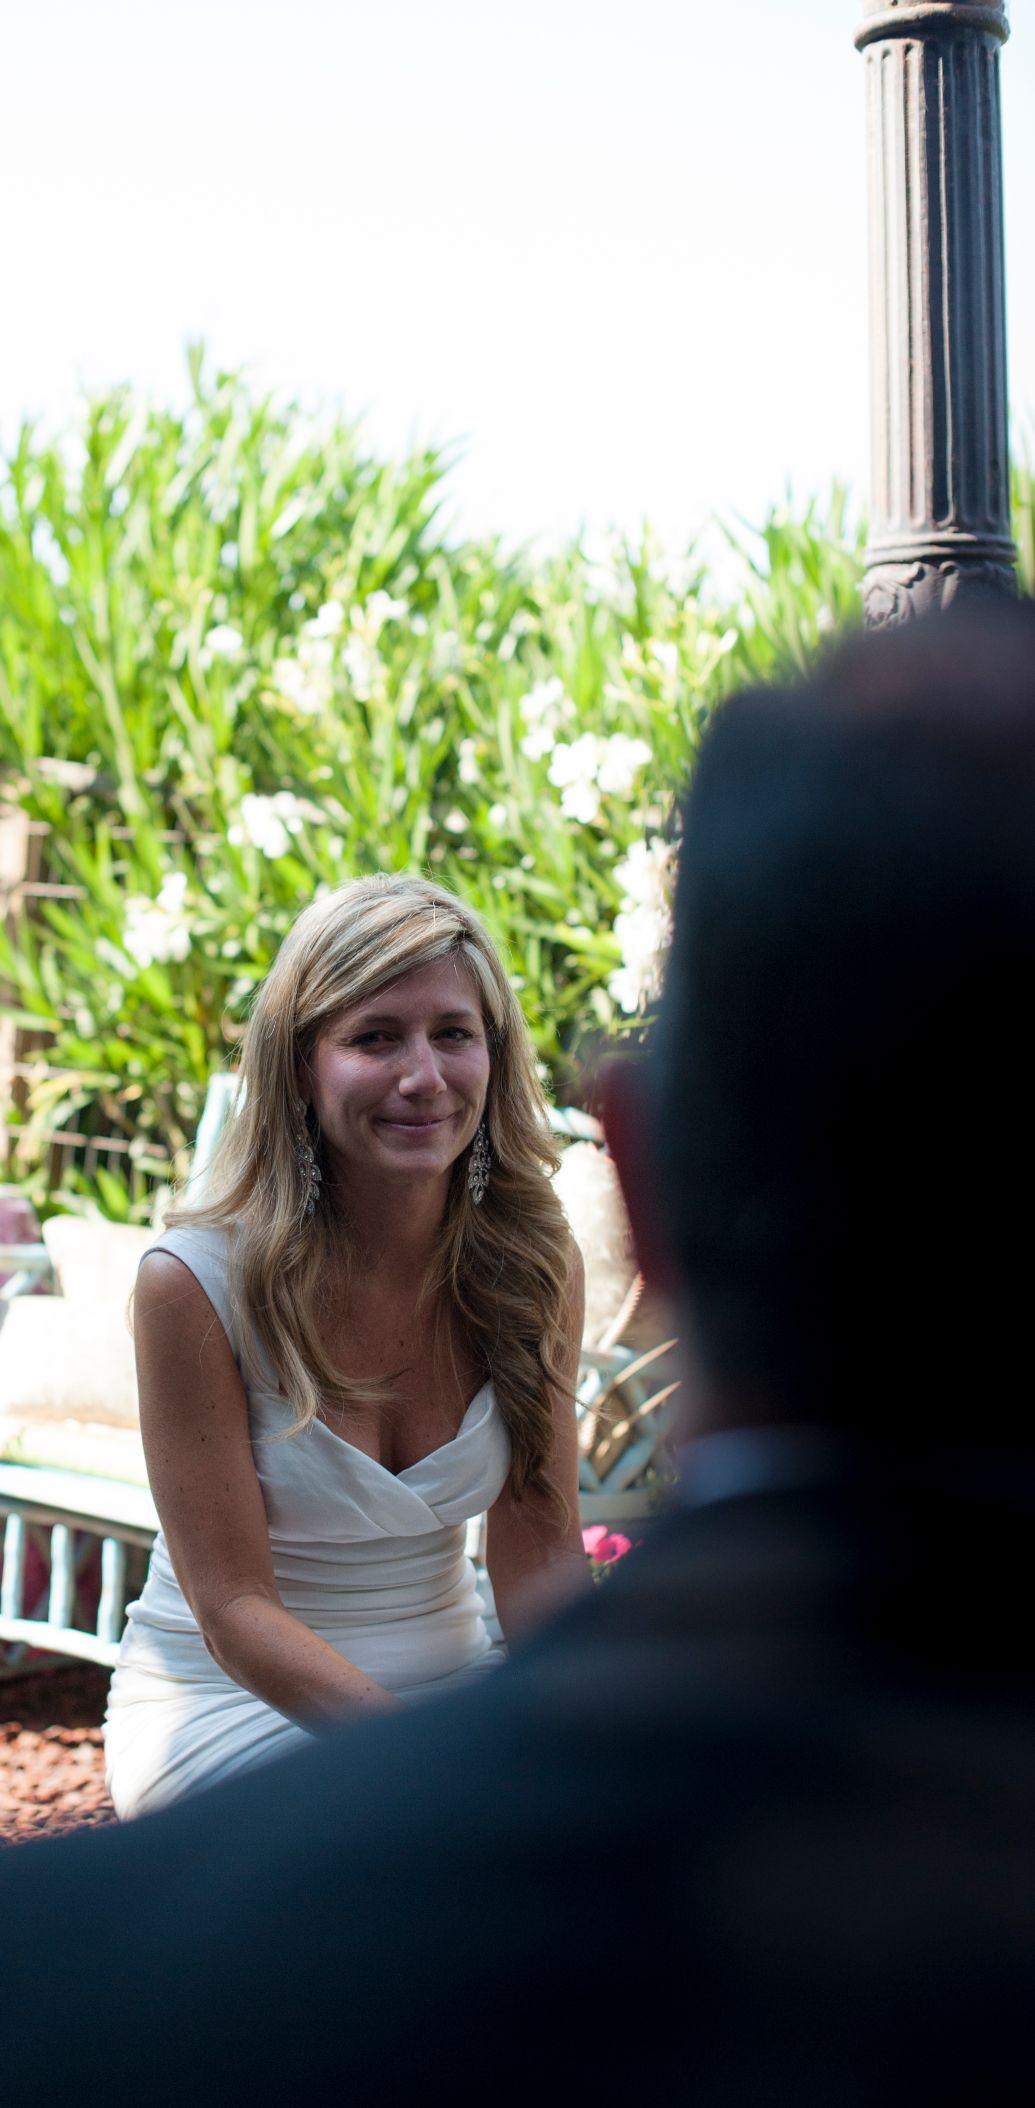 Bride Looking at Groom.jpg